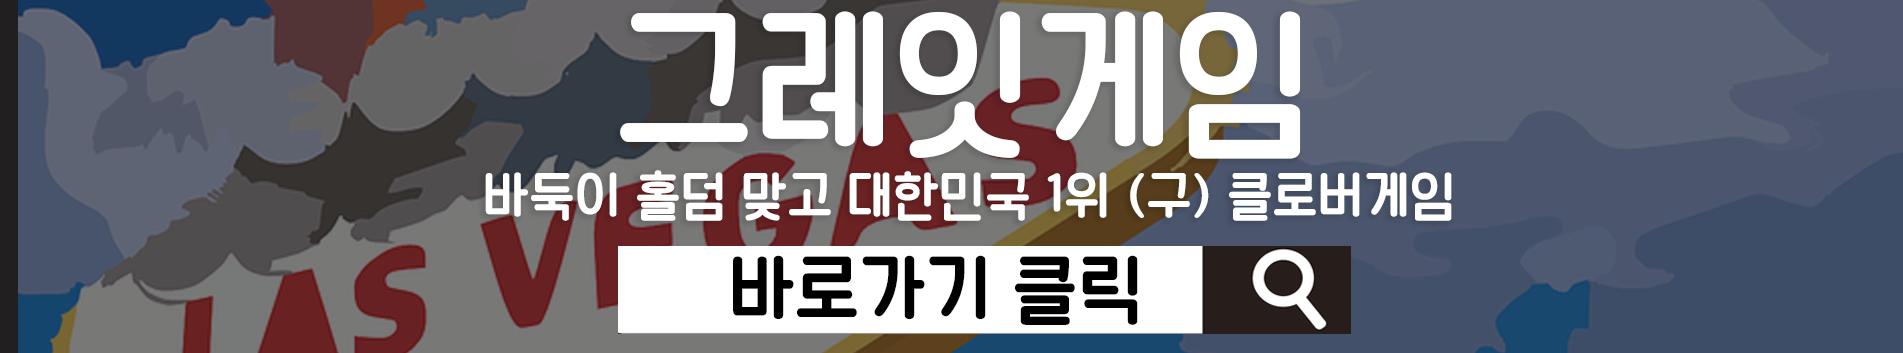 그레잇게임주소.png